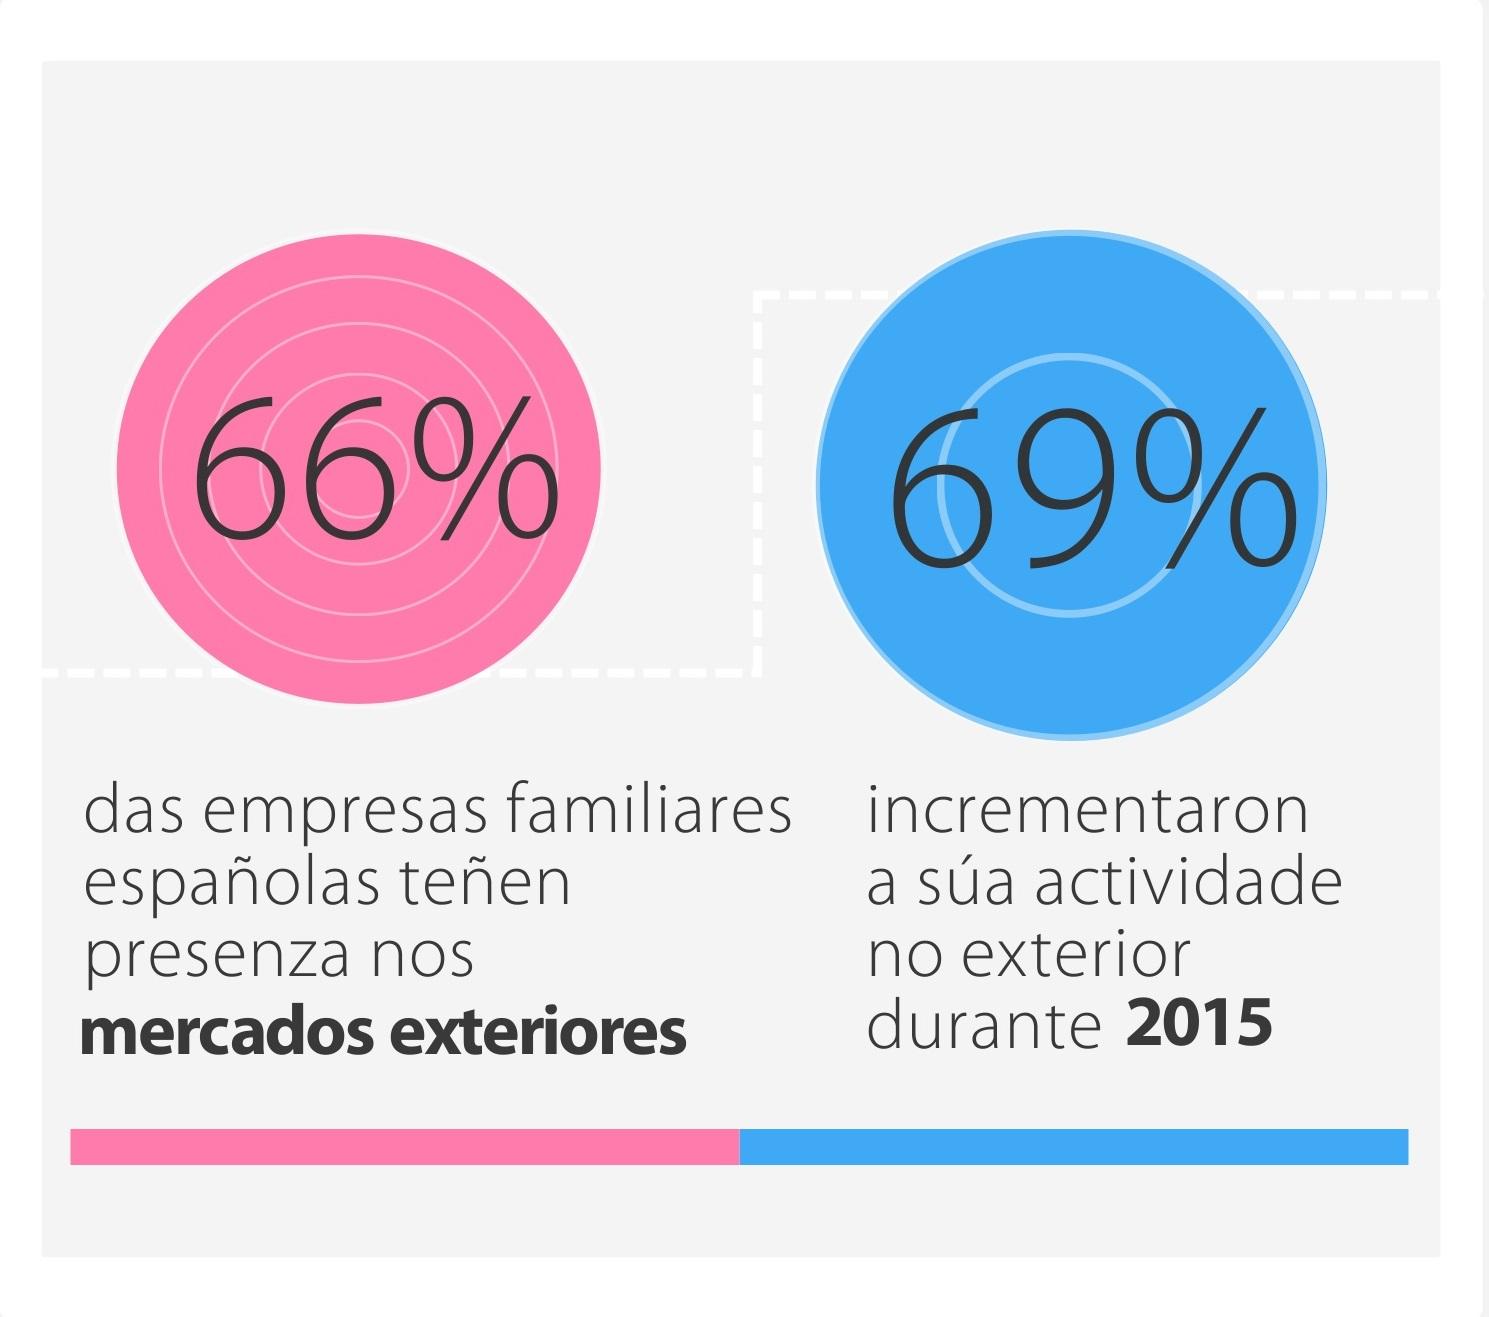 Datos do IV barómetro de empresa familiar do Instituto de Empresa Familiar